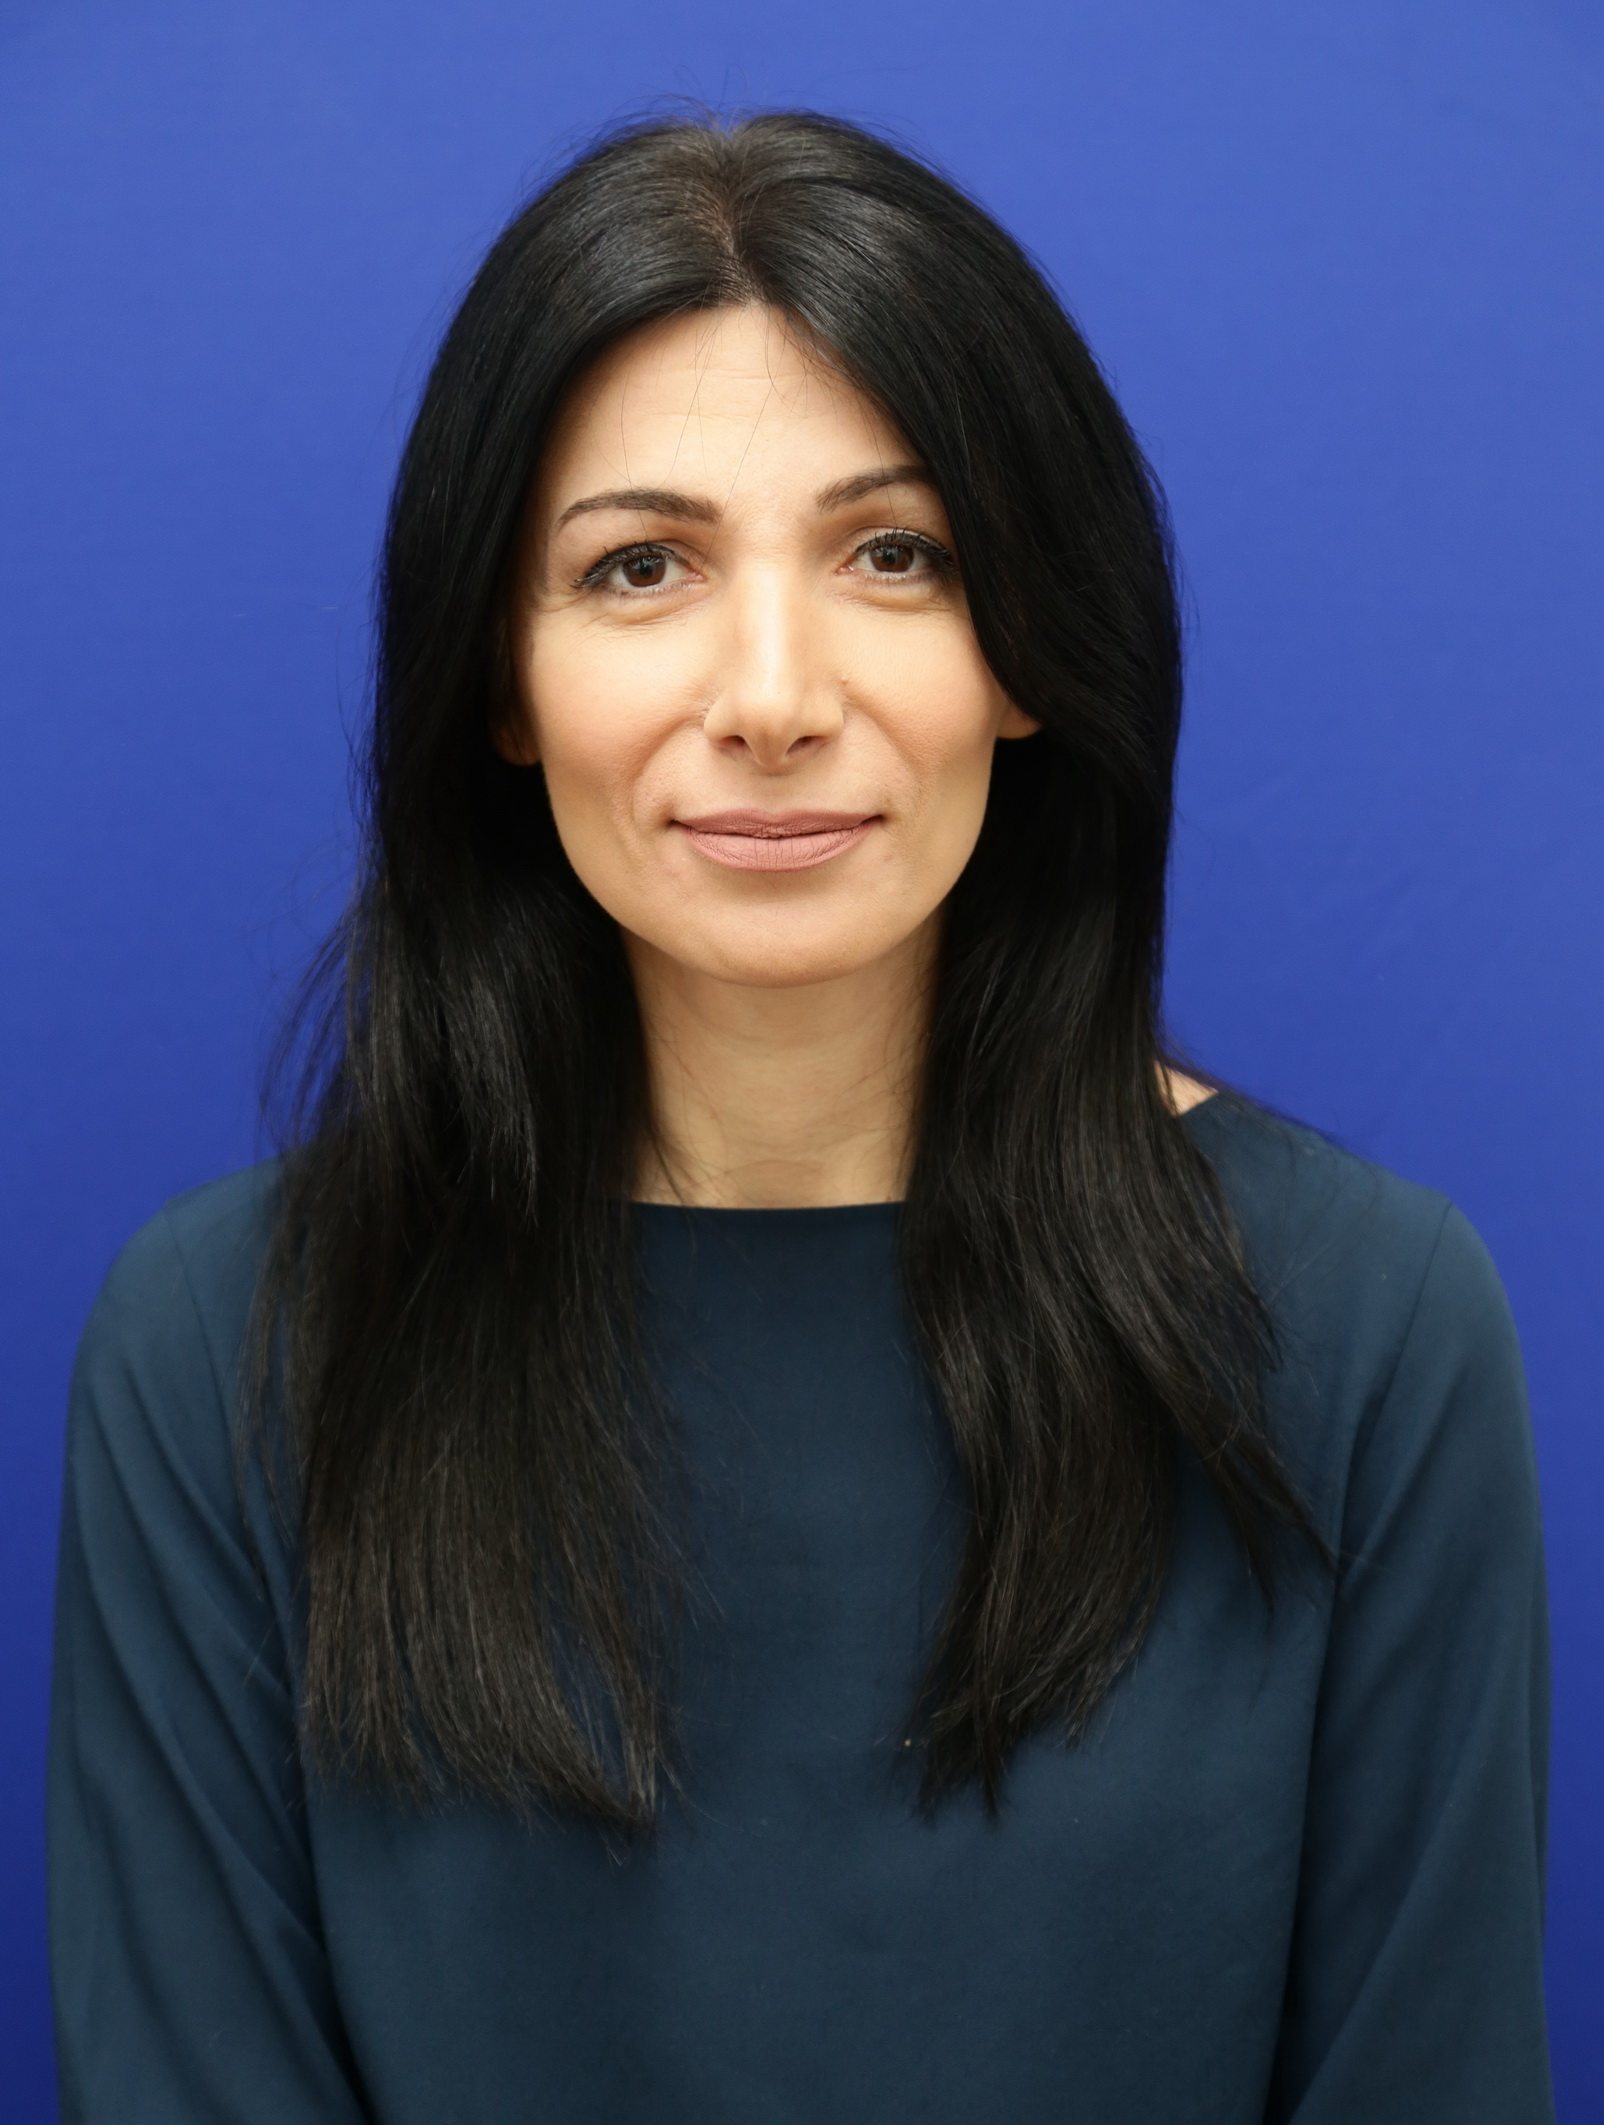 """ד""""ר סופיה ברנס מומחית ברדיולוגיה אבחנתית"""